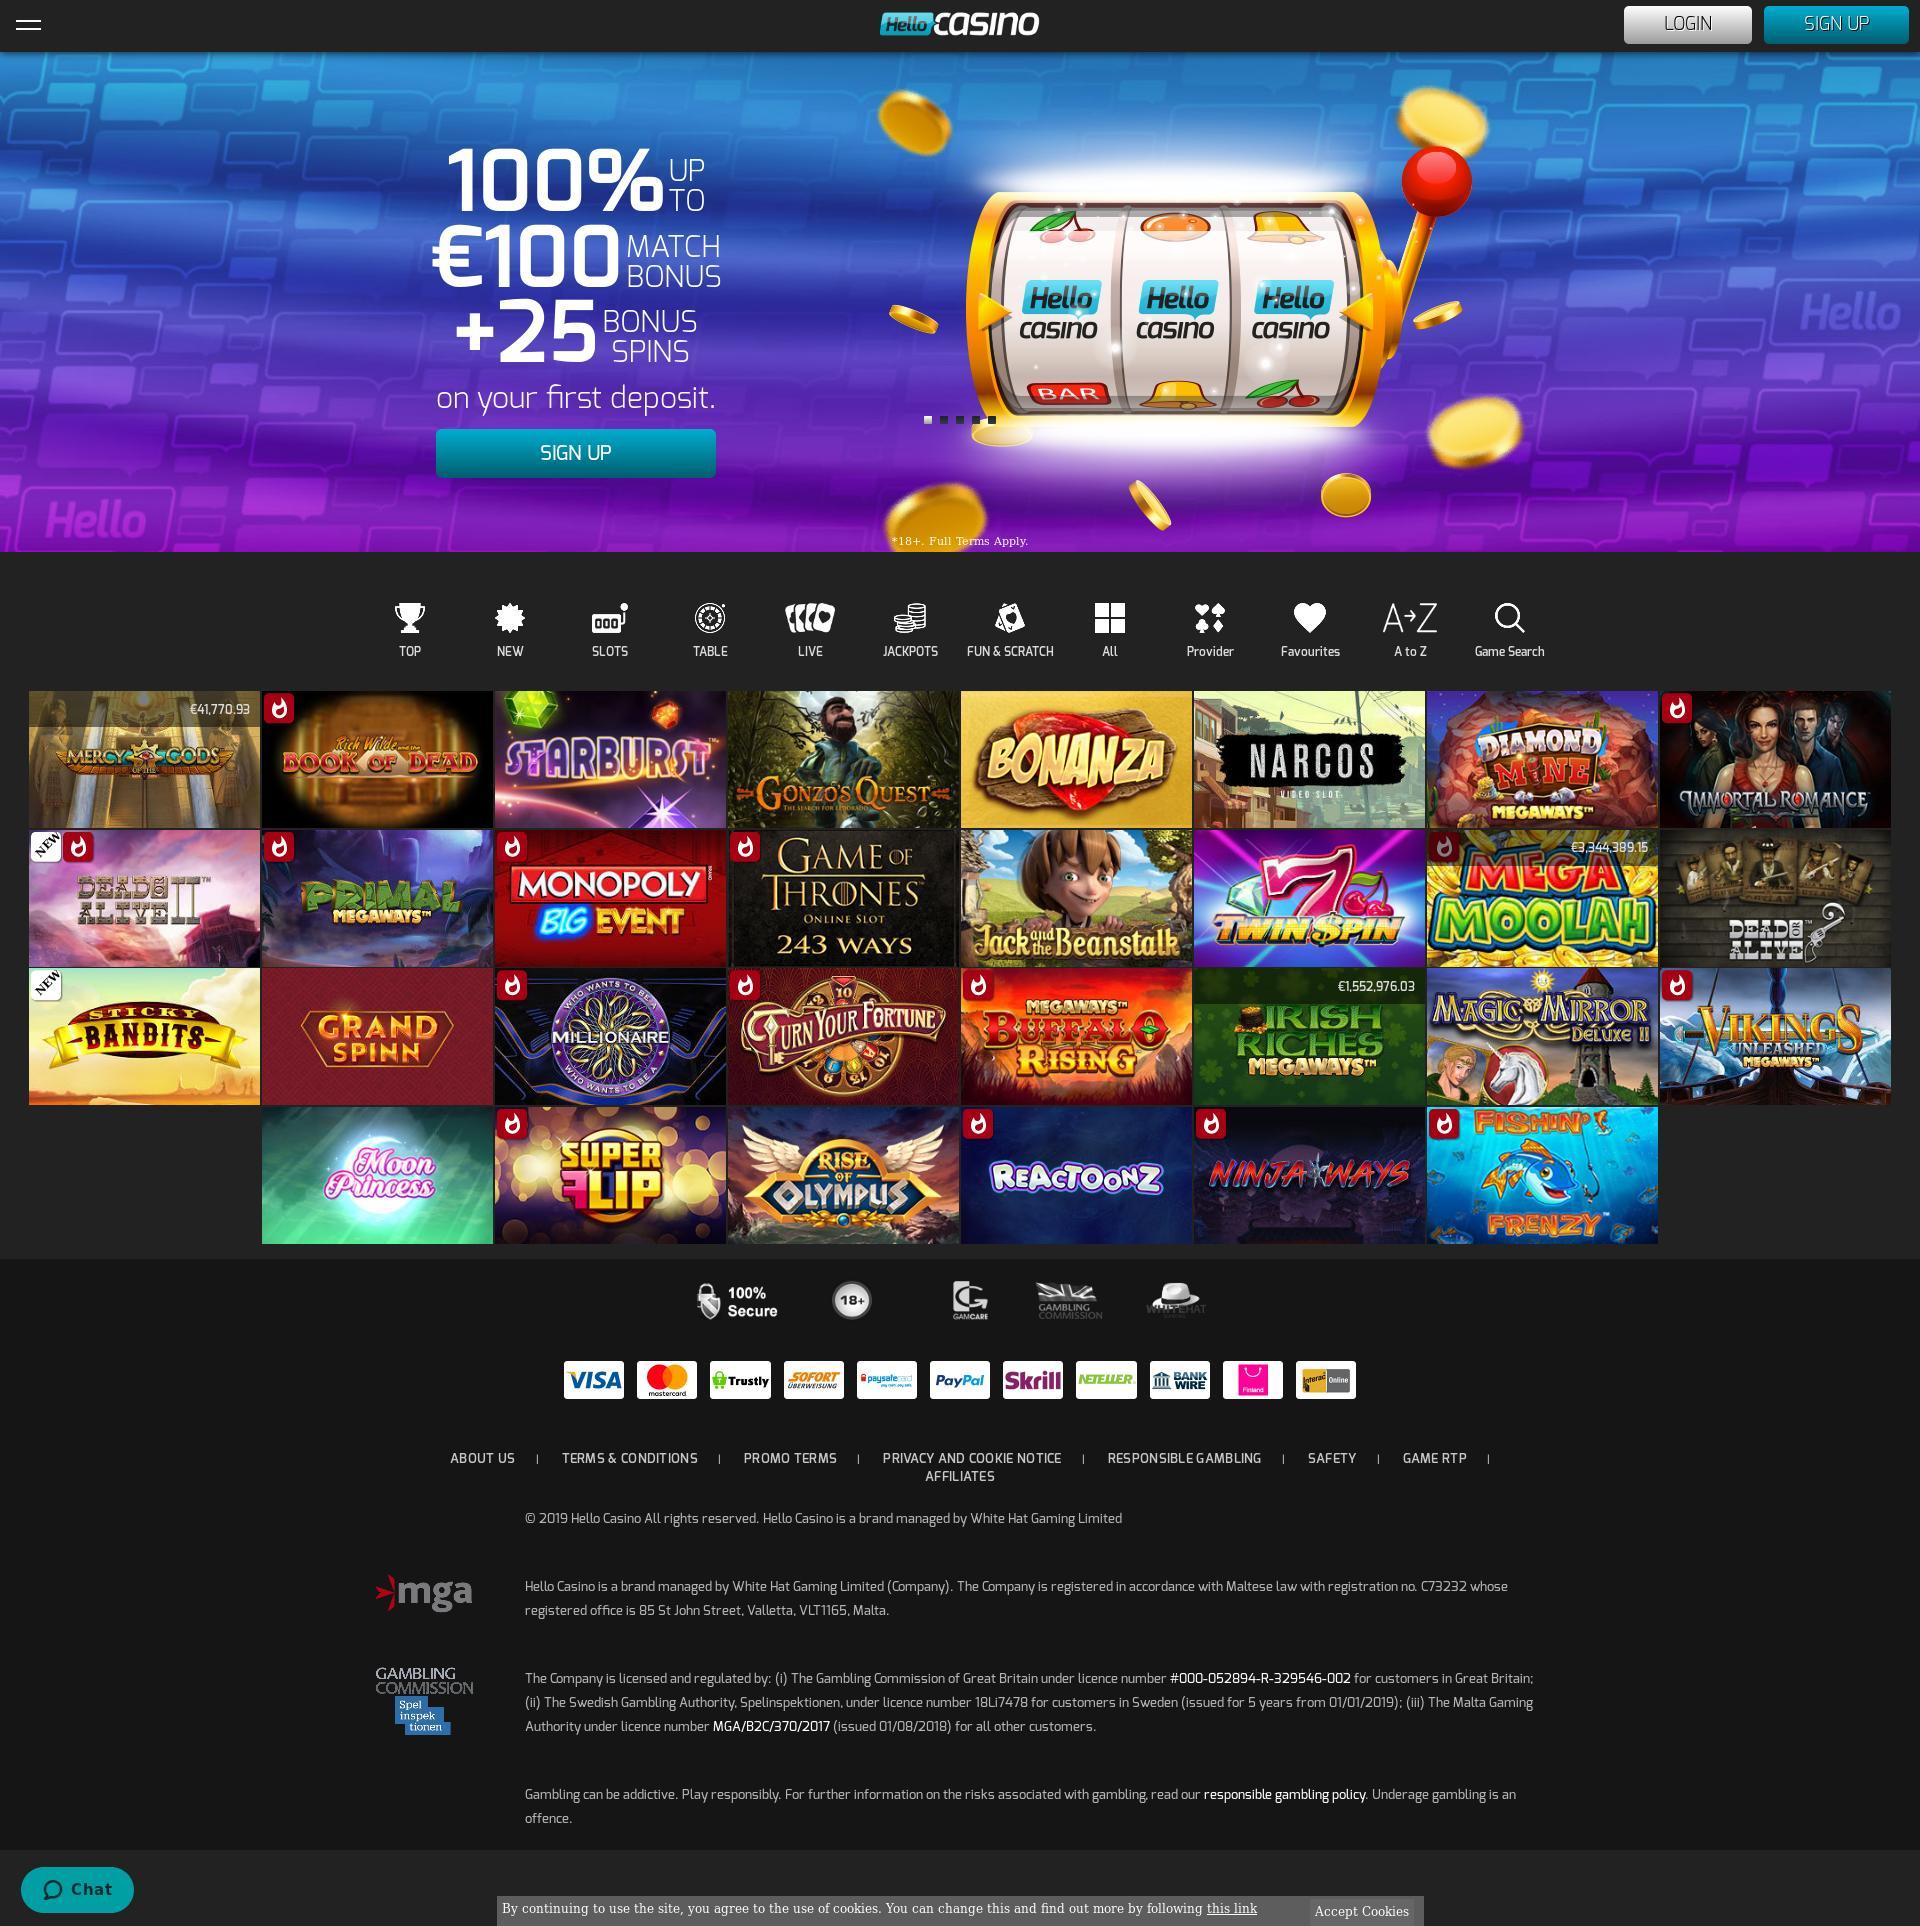 Casino scherm Lobby 2019-10-14 voor Nederland